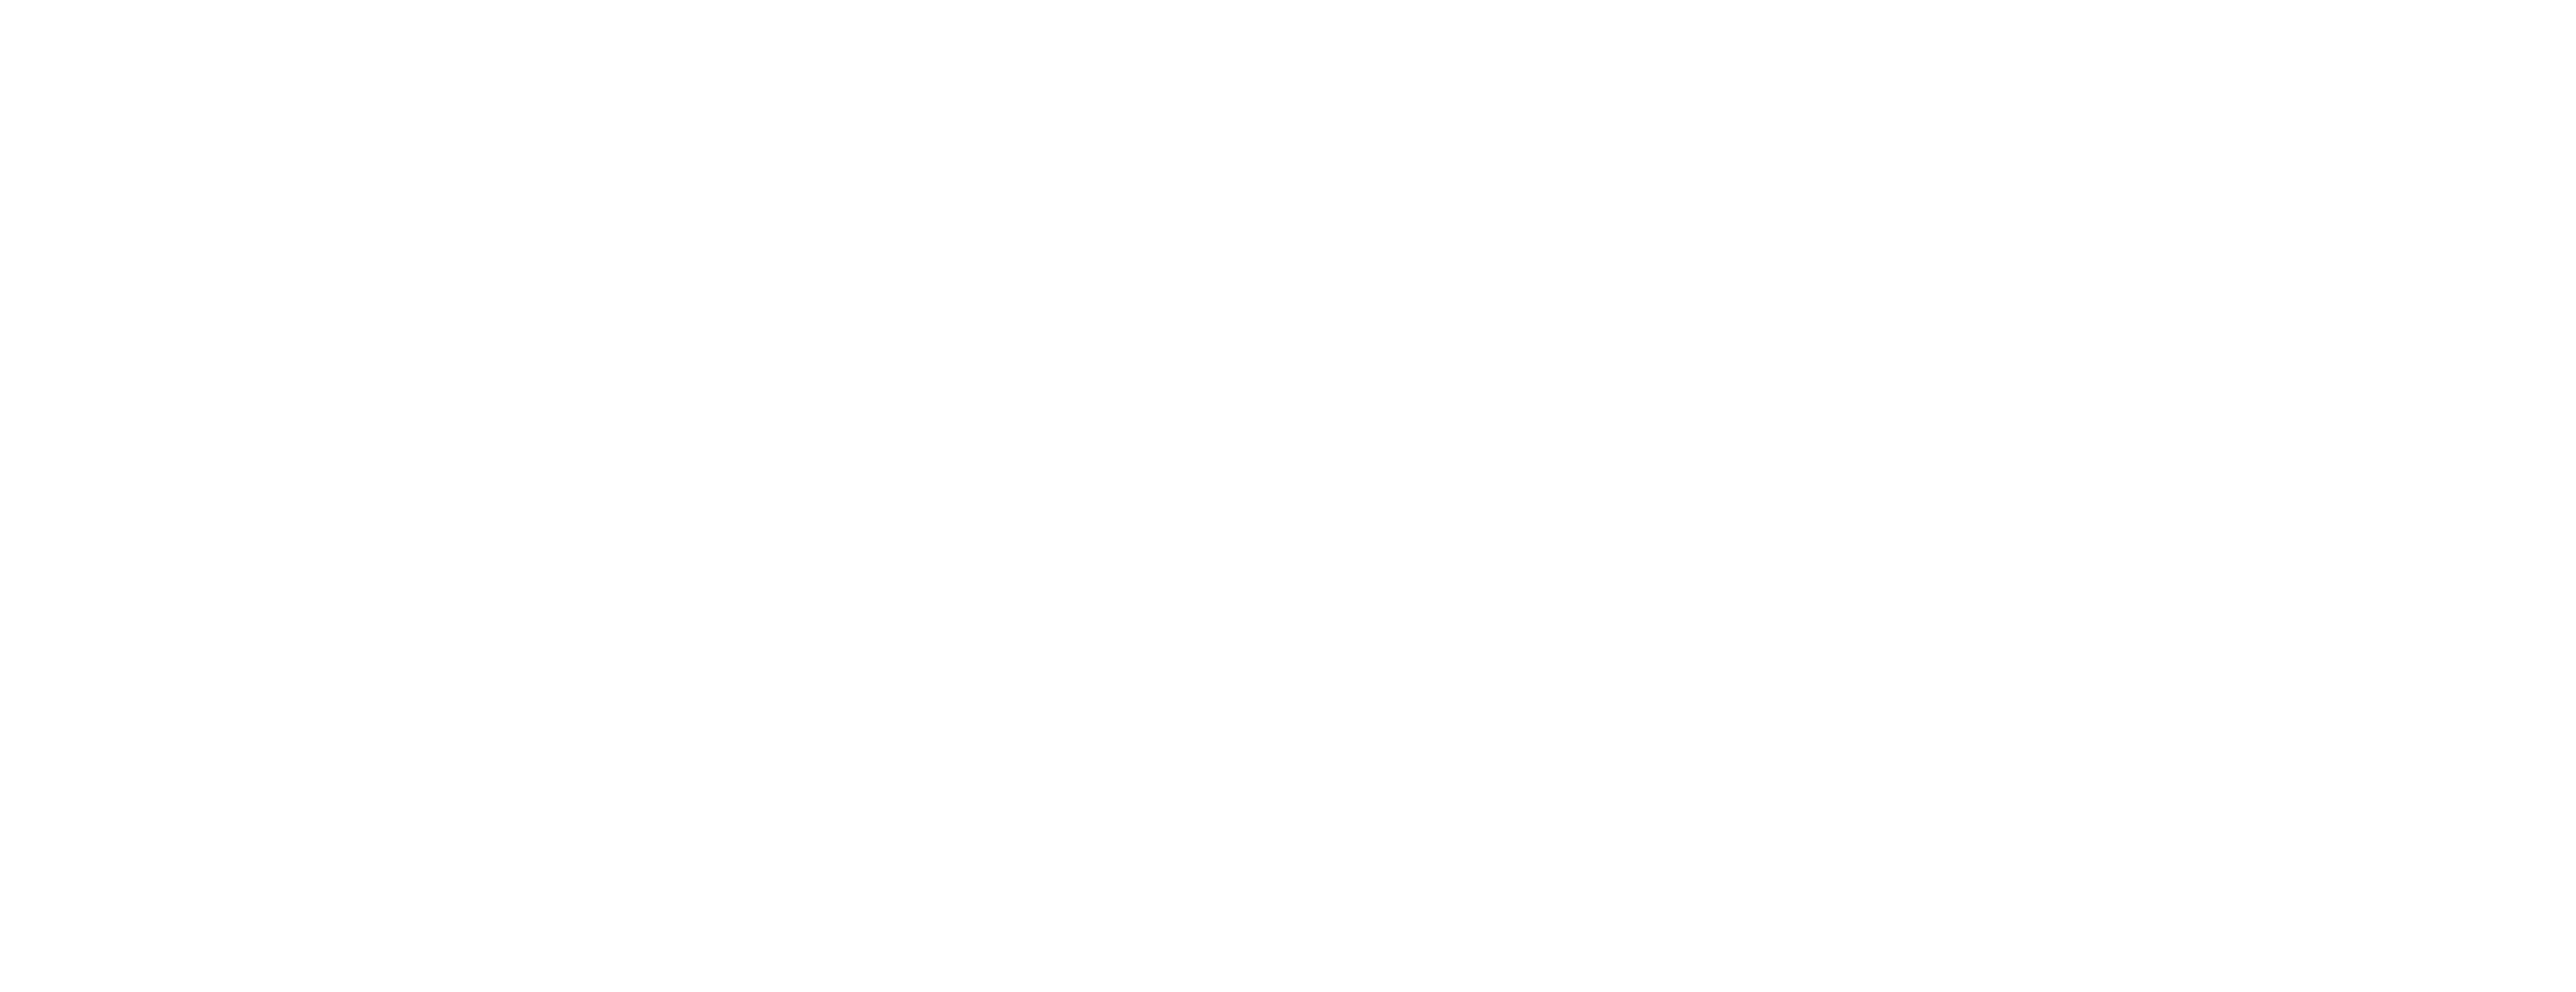 Blaskfilm Poznań